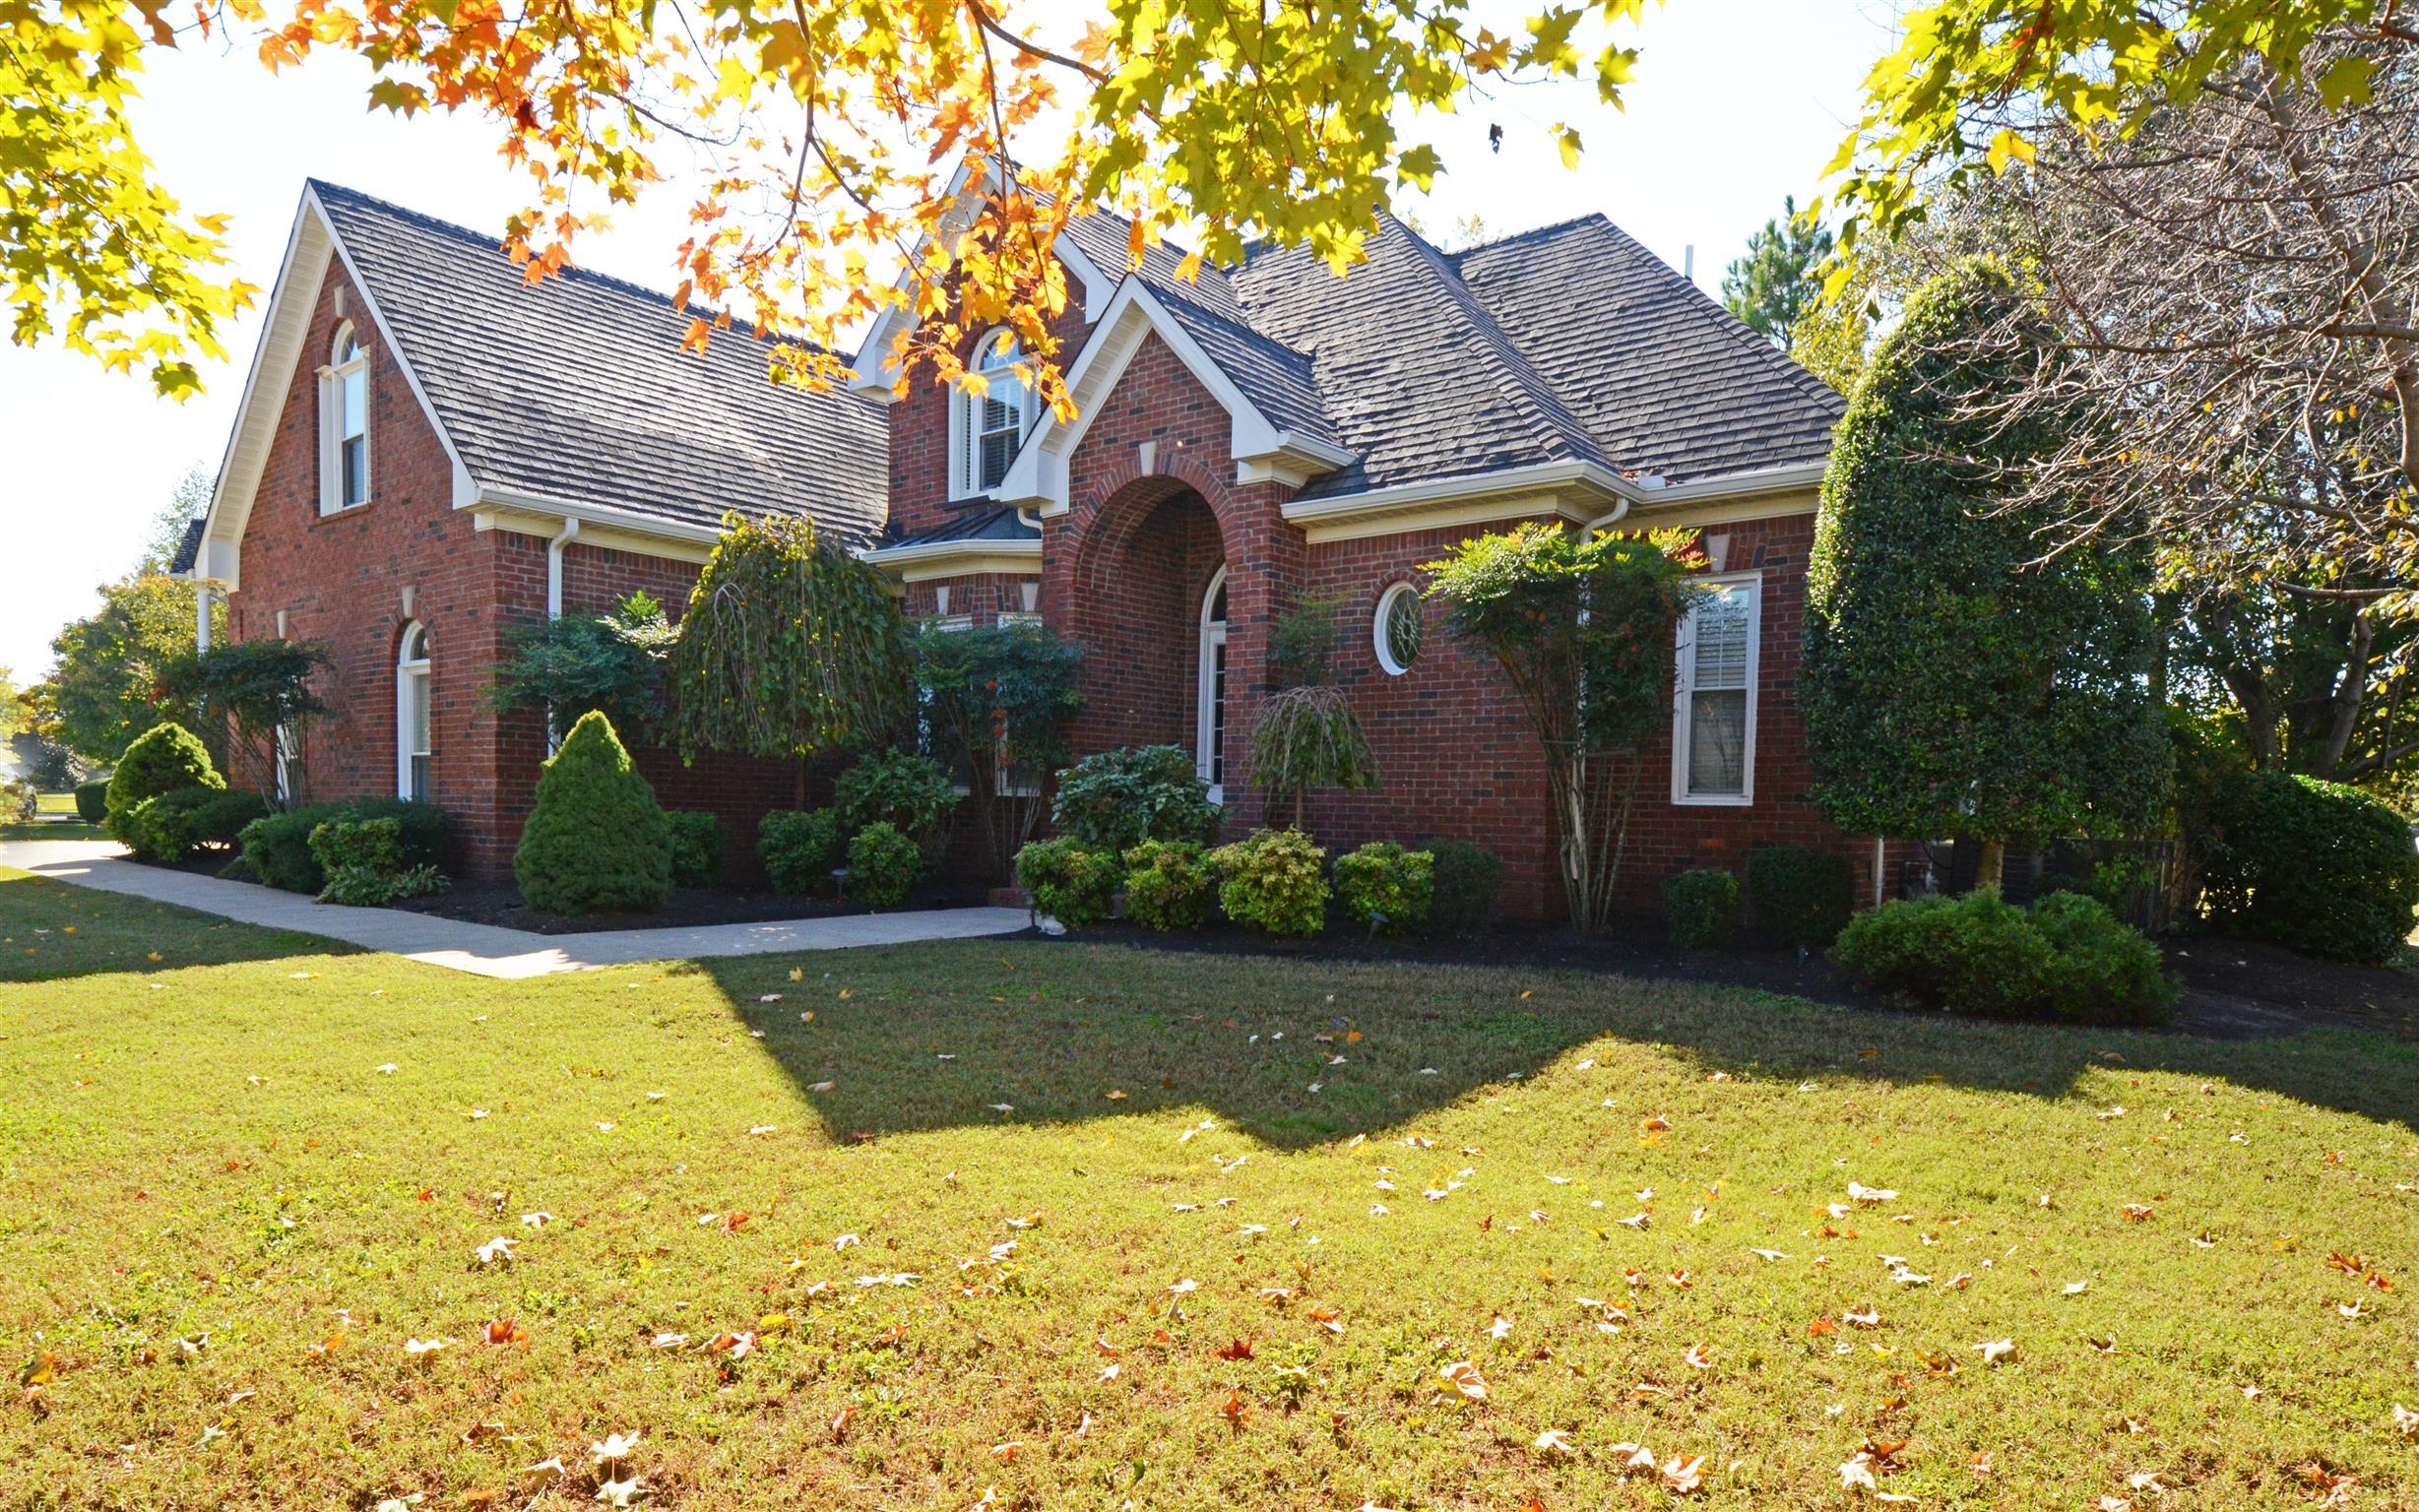 338 Council Bluff Pkwy, Murfreesboro, TN 37127